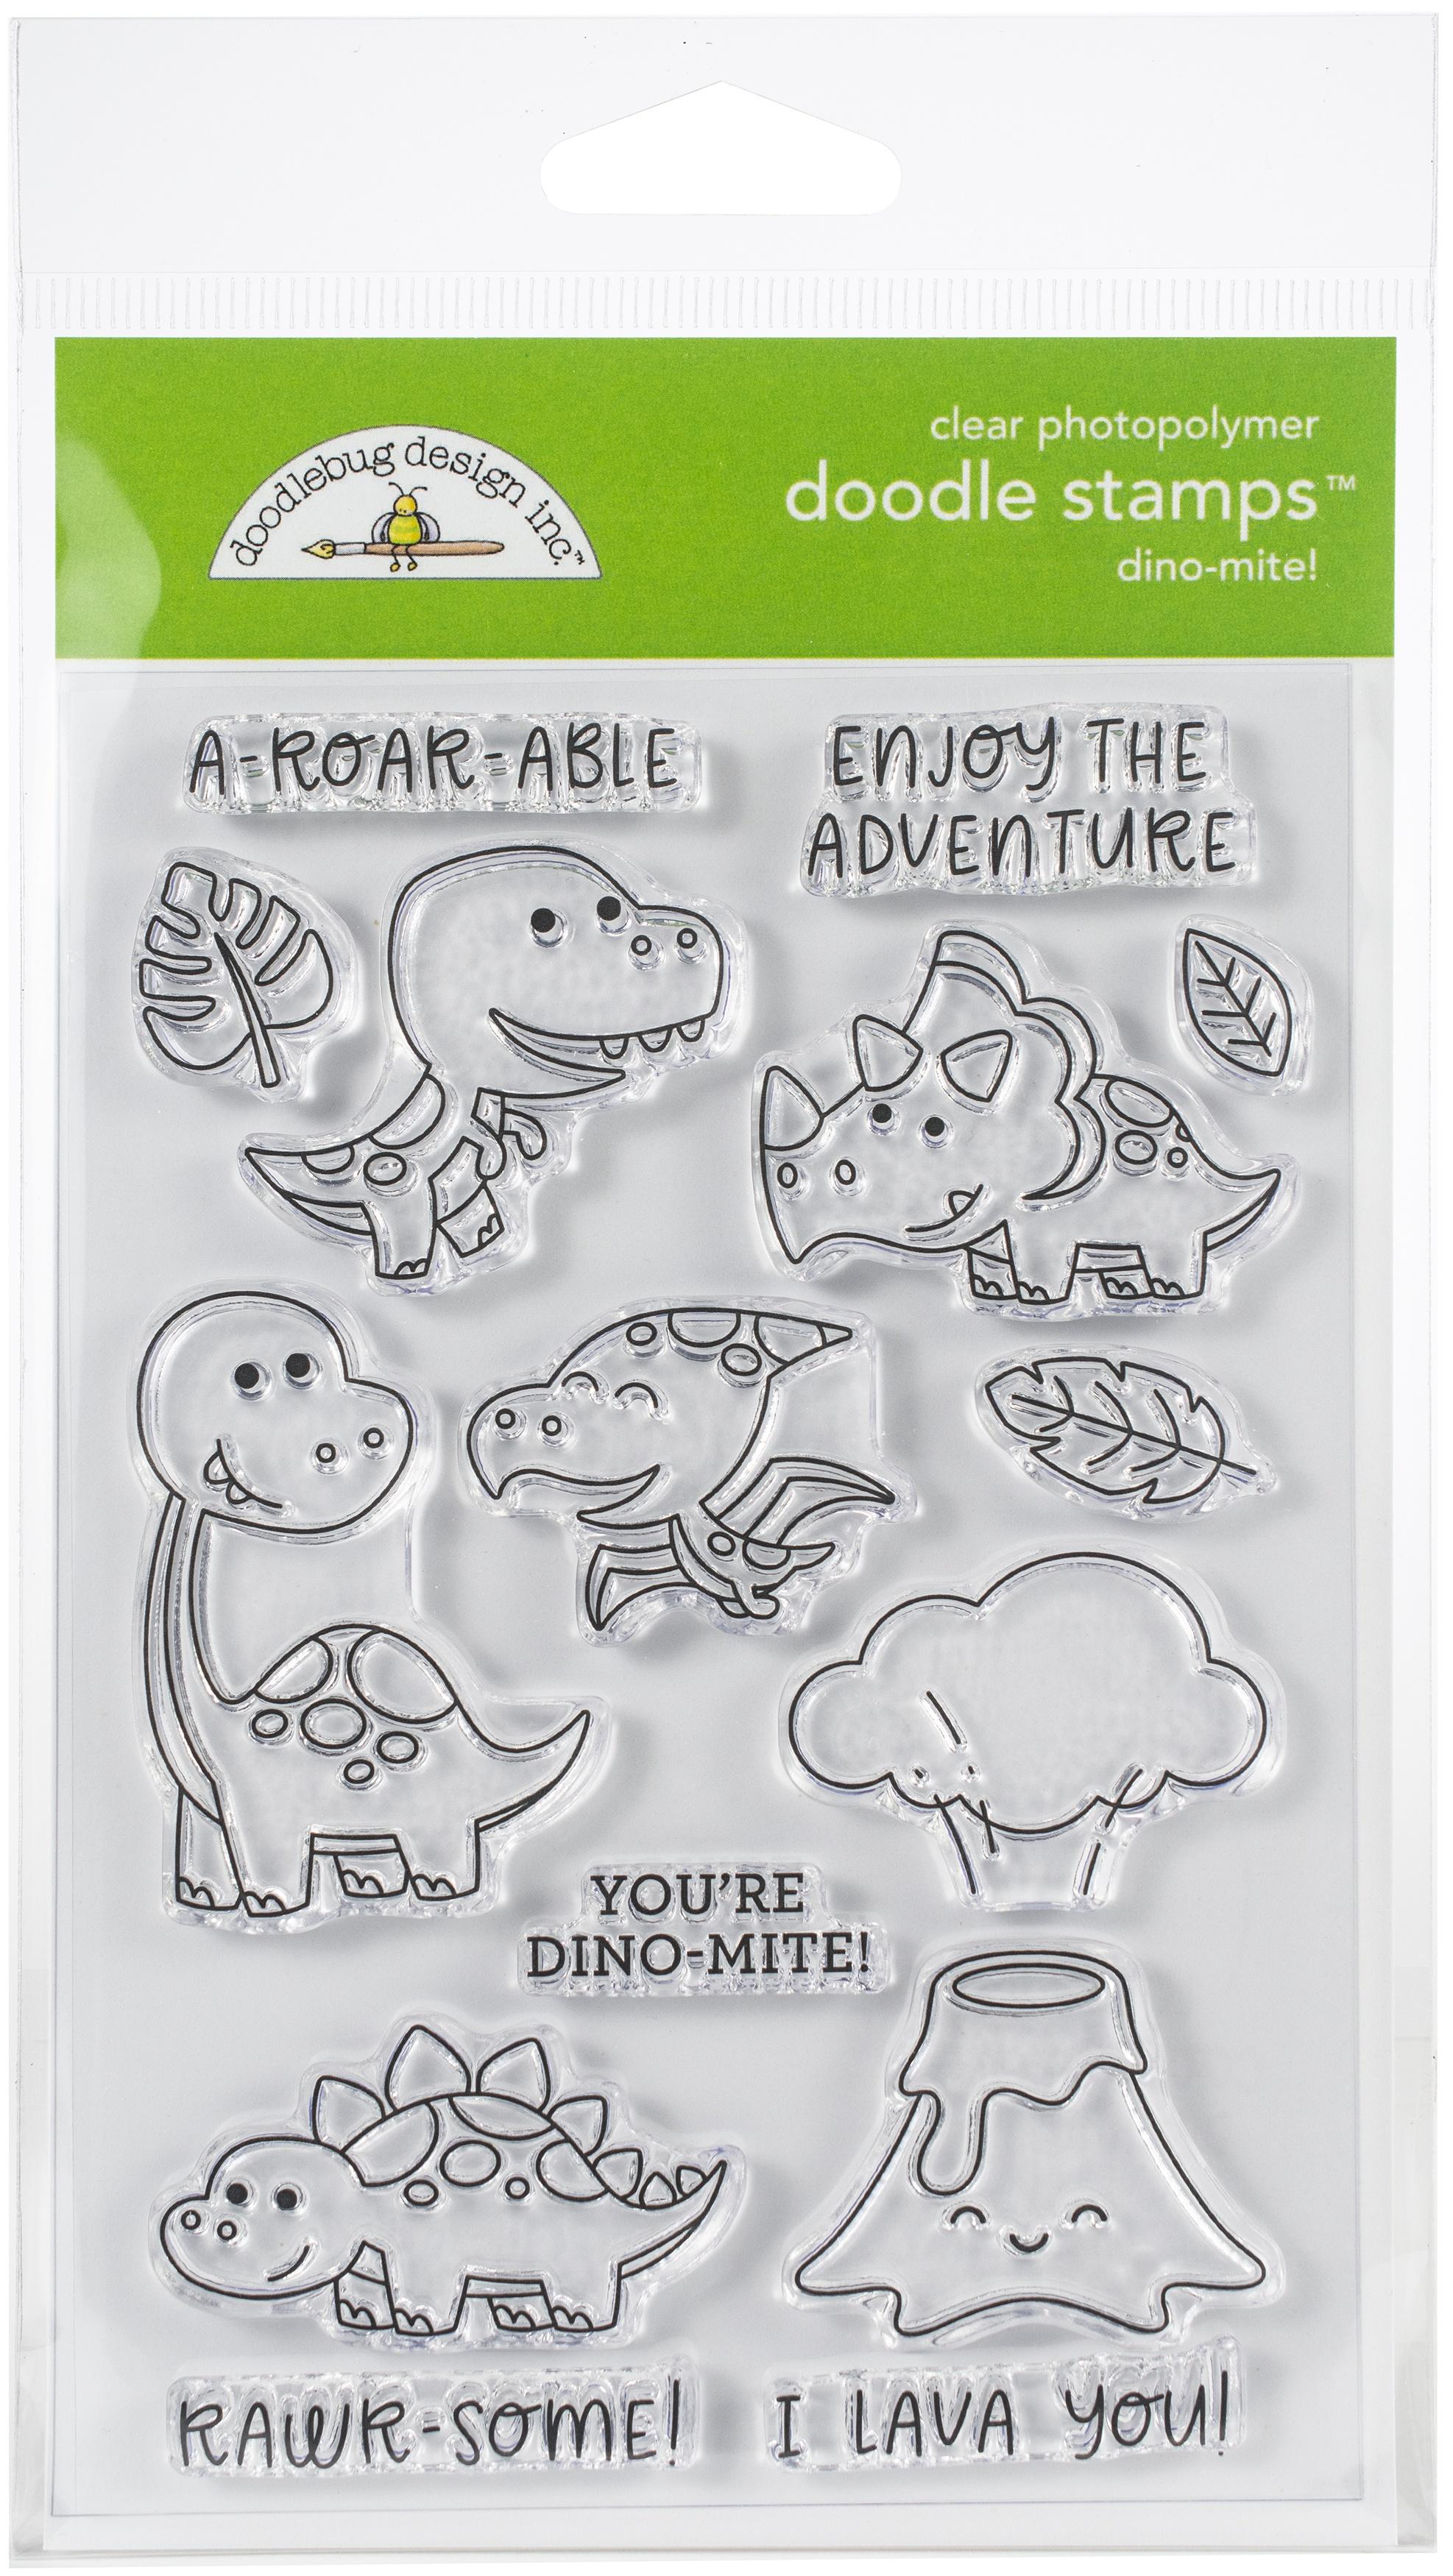 Doodlebug Clear Doodle Stamps-Dino-Mite!